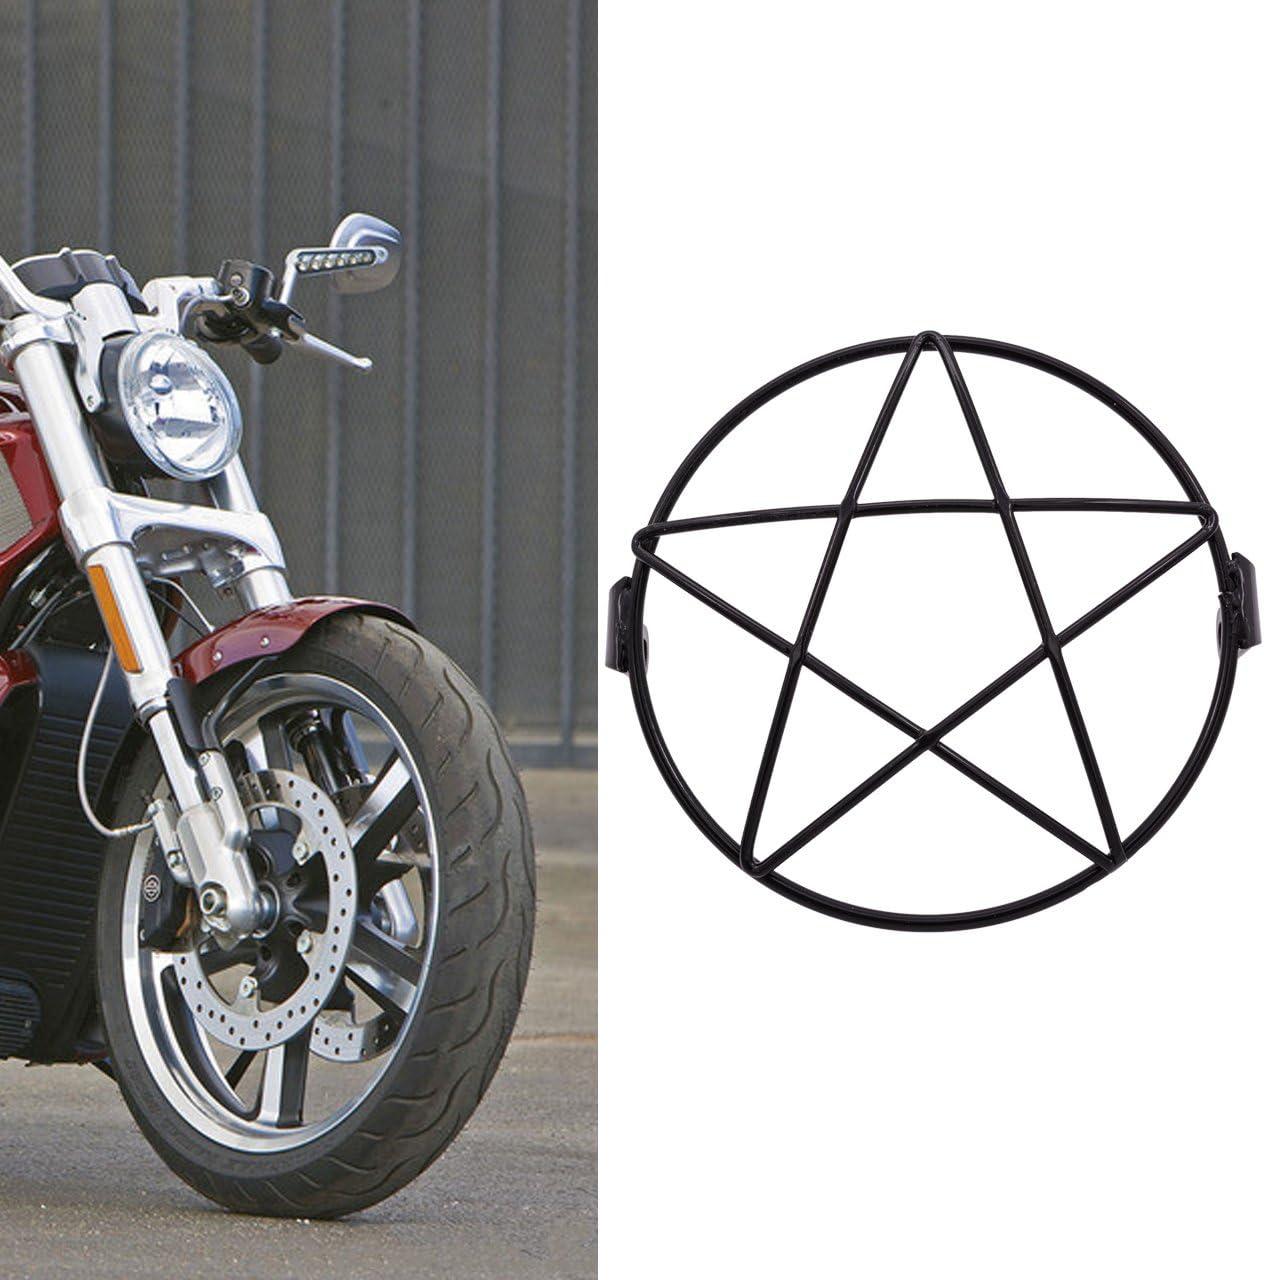 NATGIC Grille de phare de moto pour phare de 8 mm /à 10 mm en m/étal universelle montage lat/éral /à vis